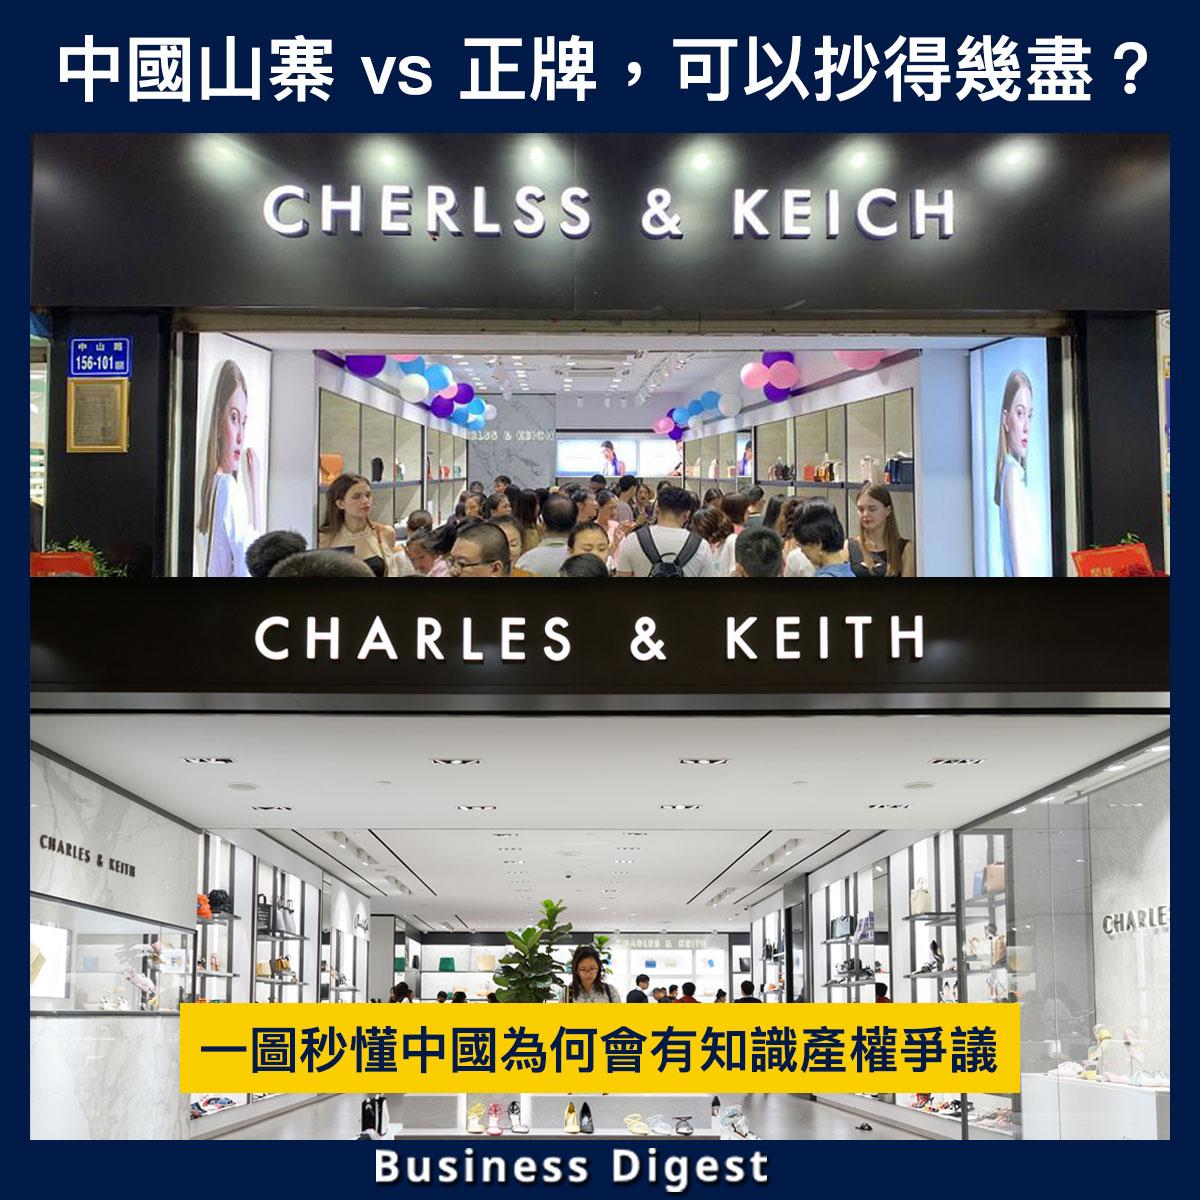 【商業熱話】中國山寨 vs 正牌,可以抄得幾盡?